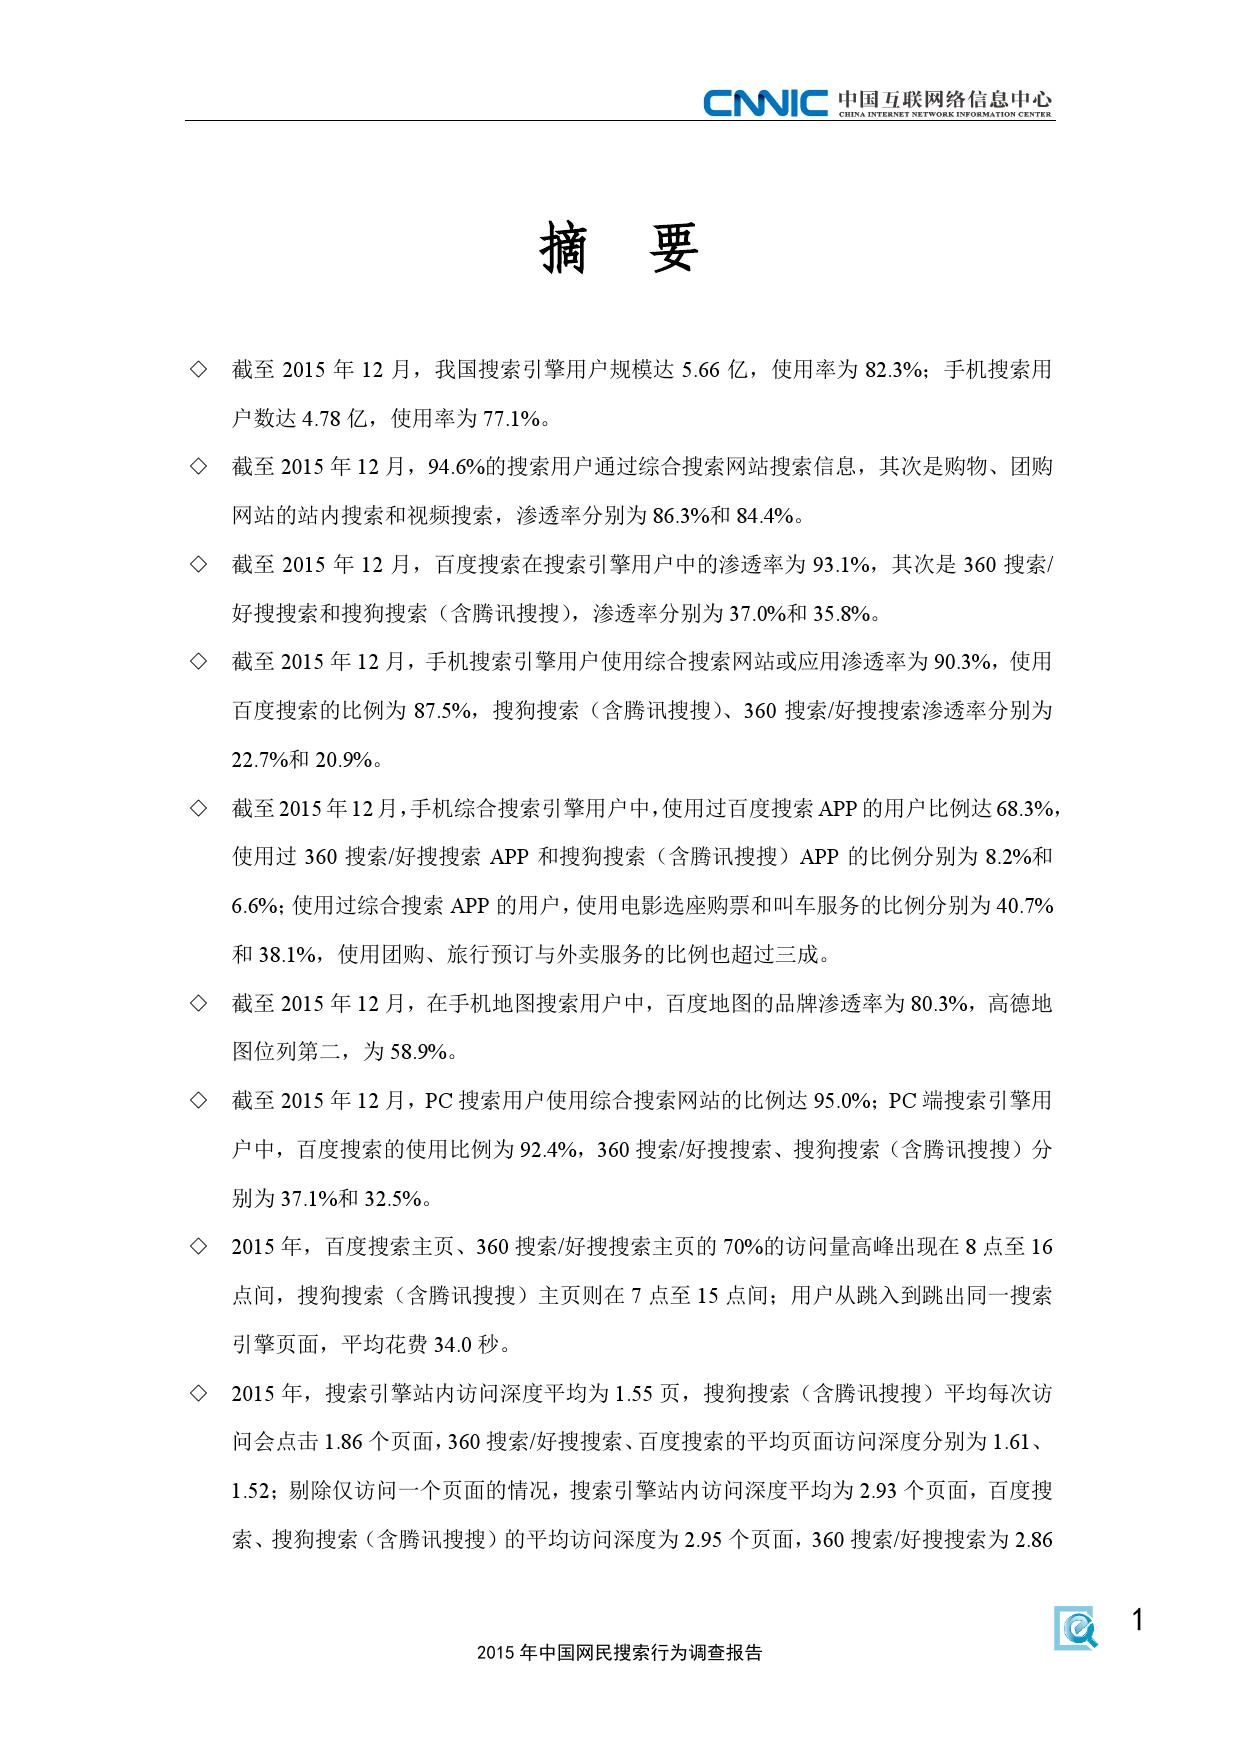 CNNIC:2015年中国网民搜索行为调查_000009